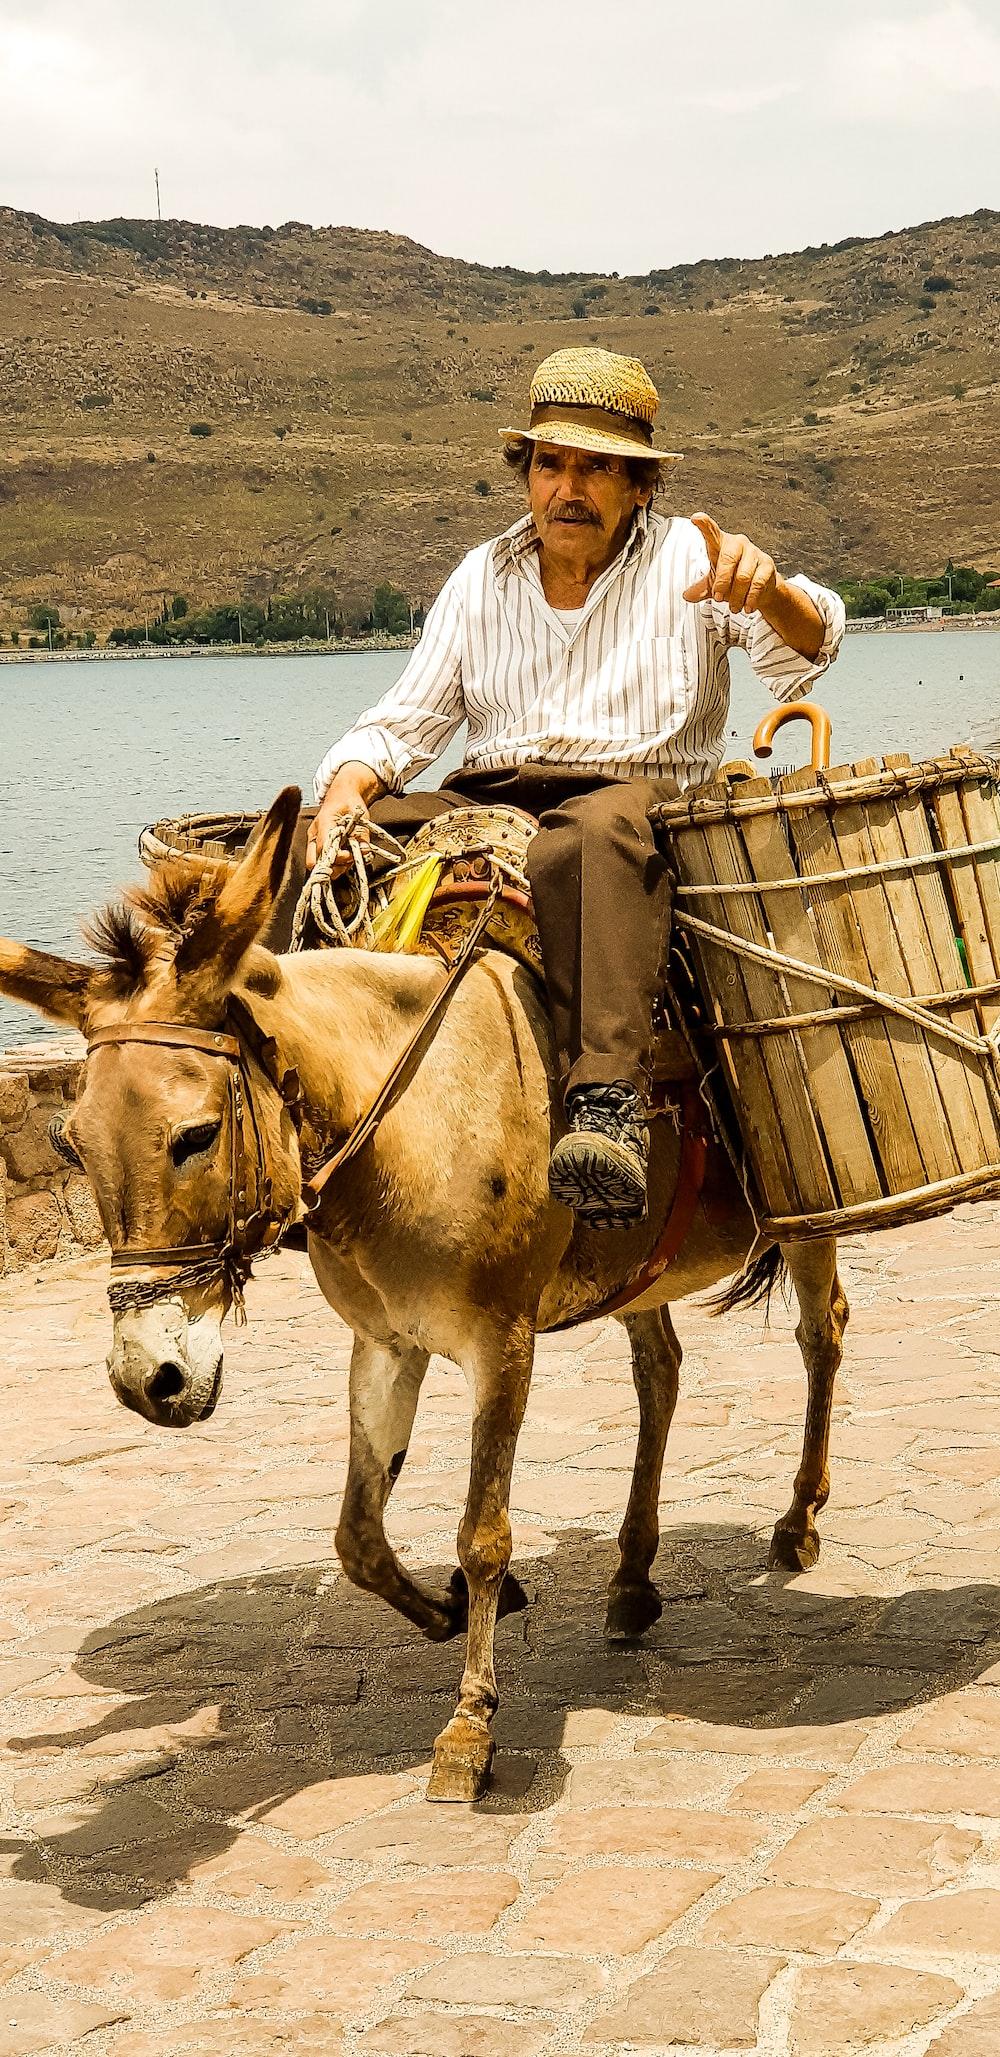 man riding on donkey